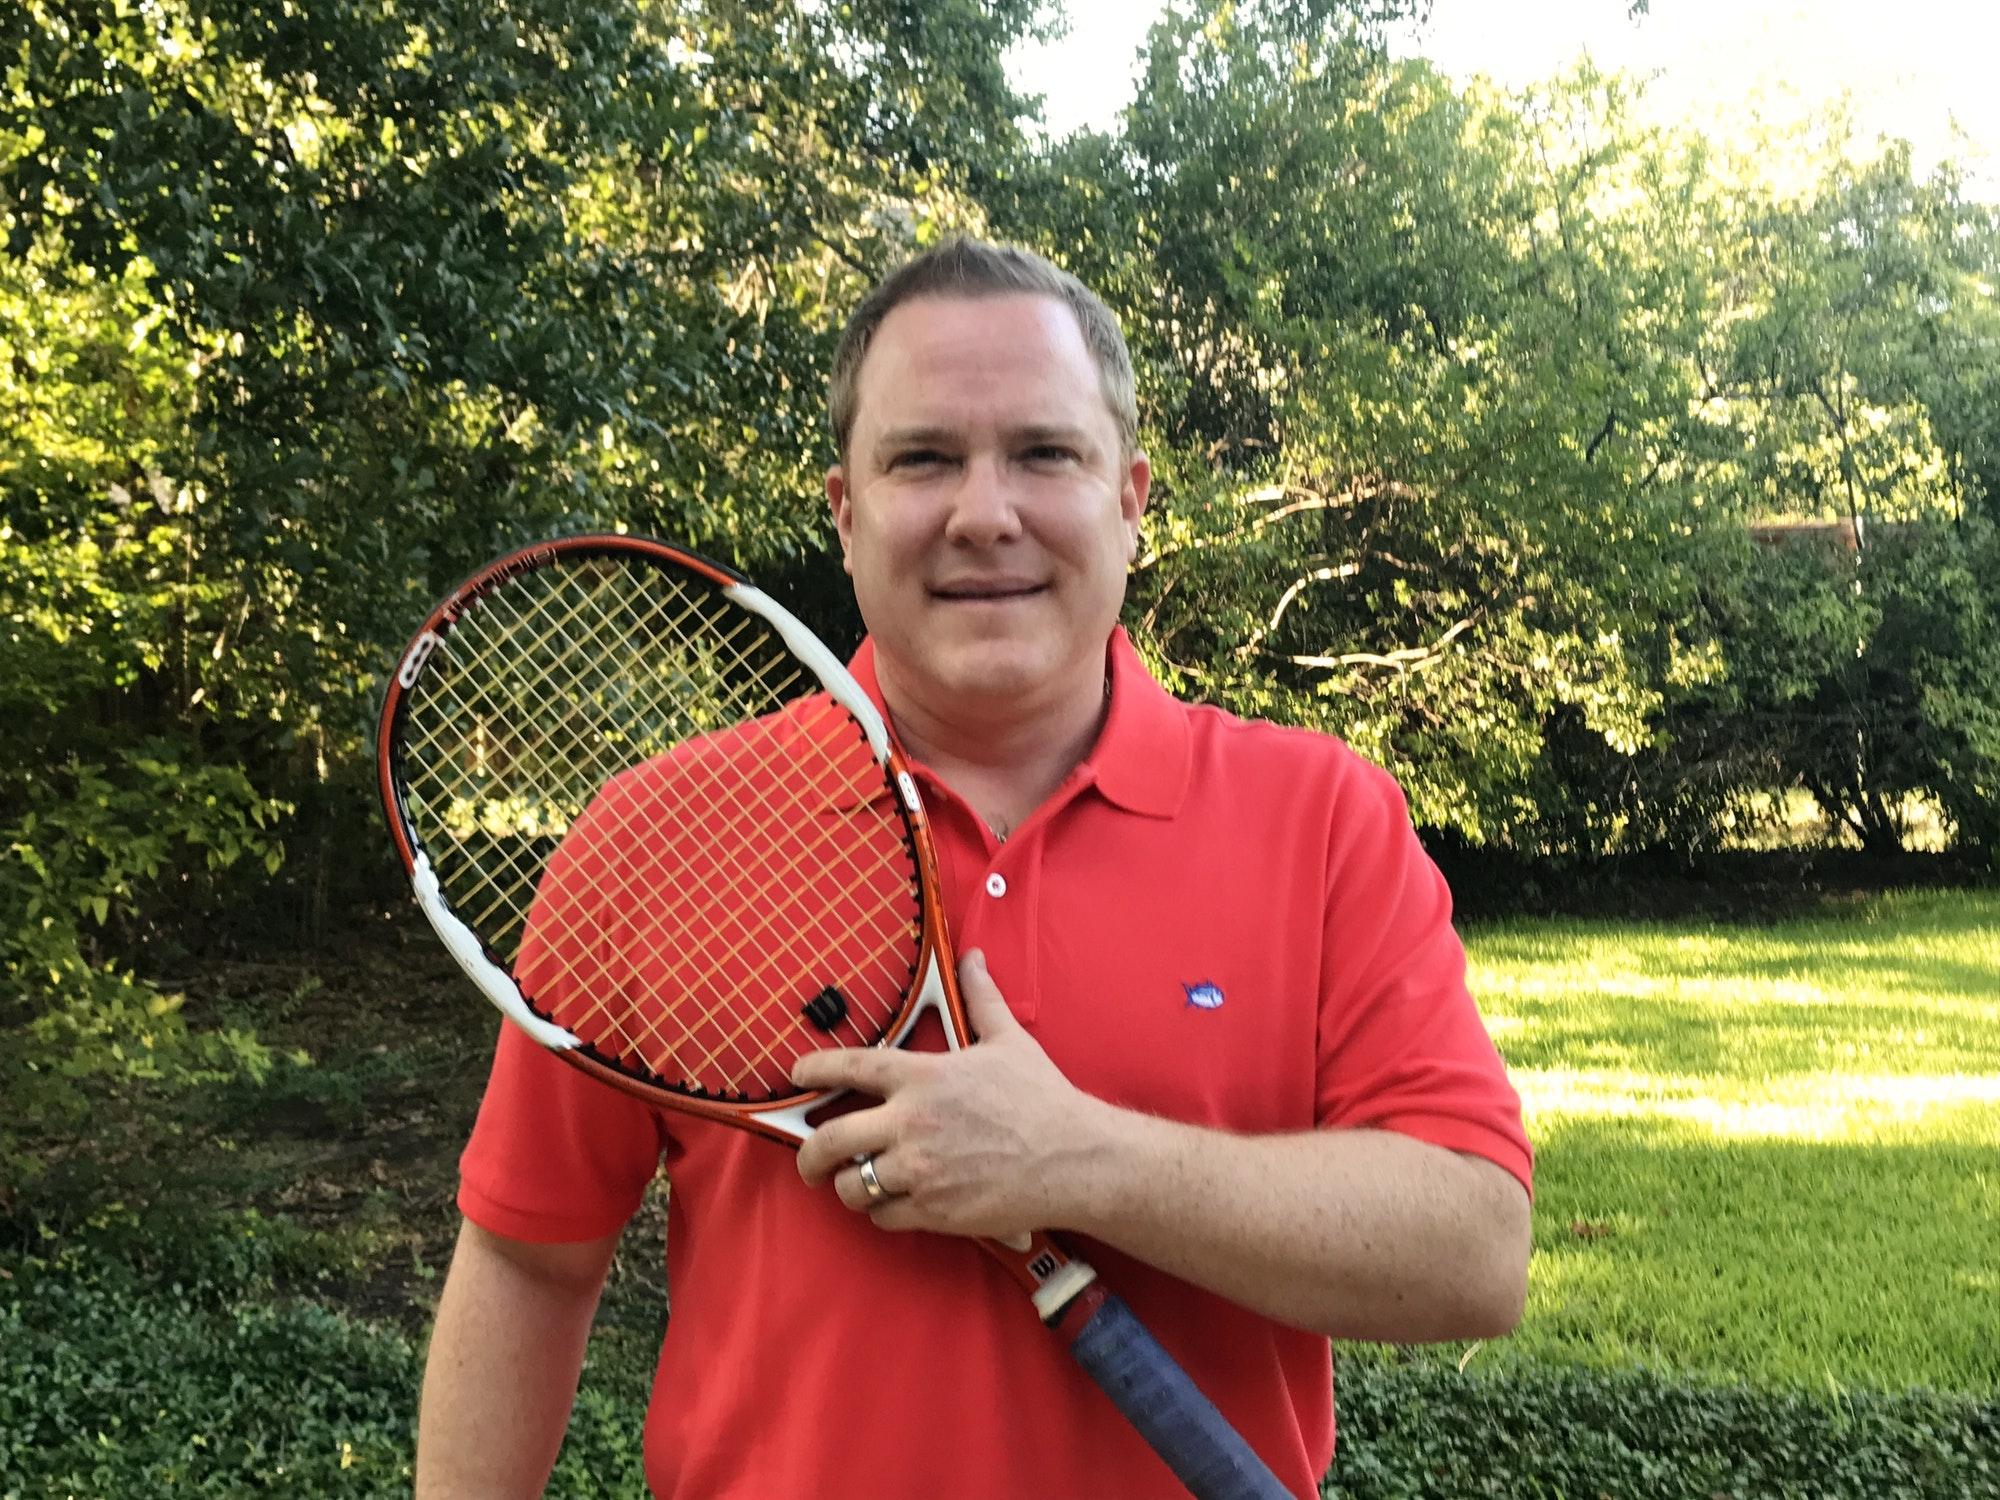 Will H. teaches tennis lessons in Dallas, TX